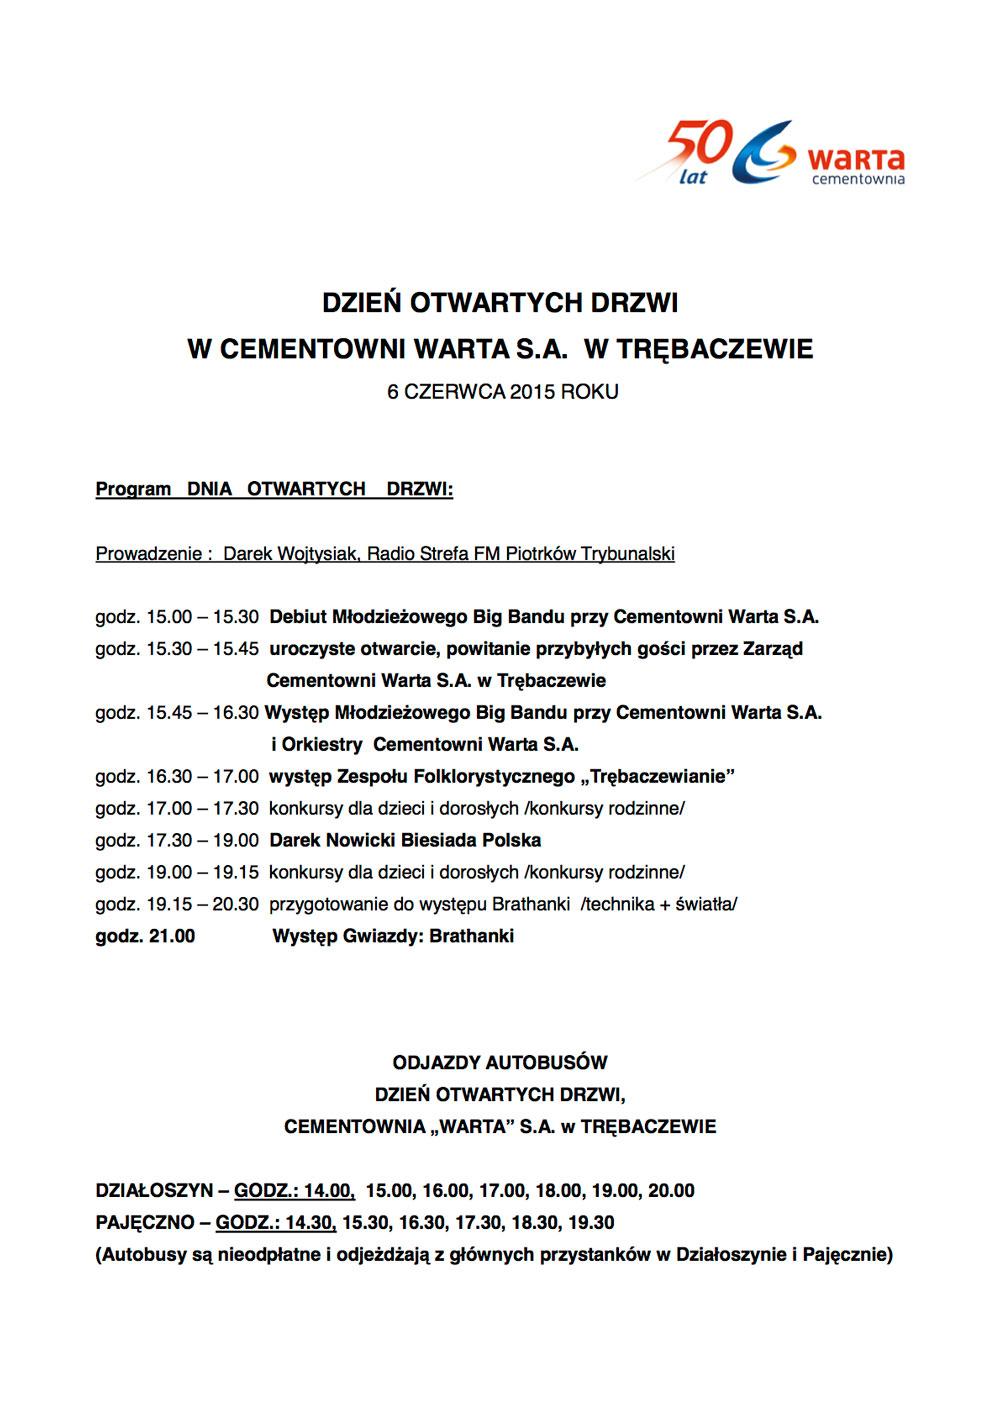 Program-Dnia-Otwartych-Drzwi-2015